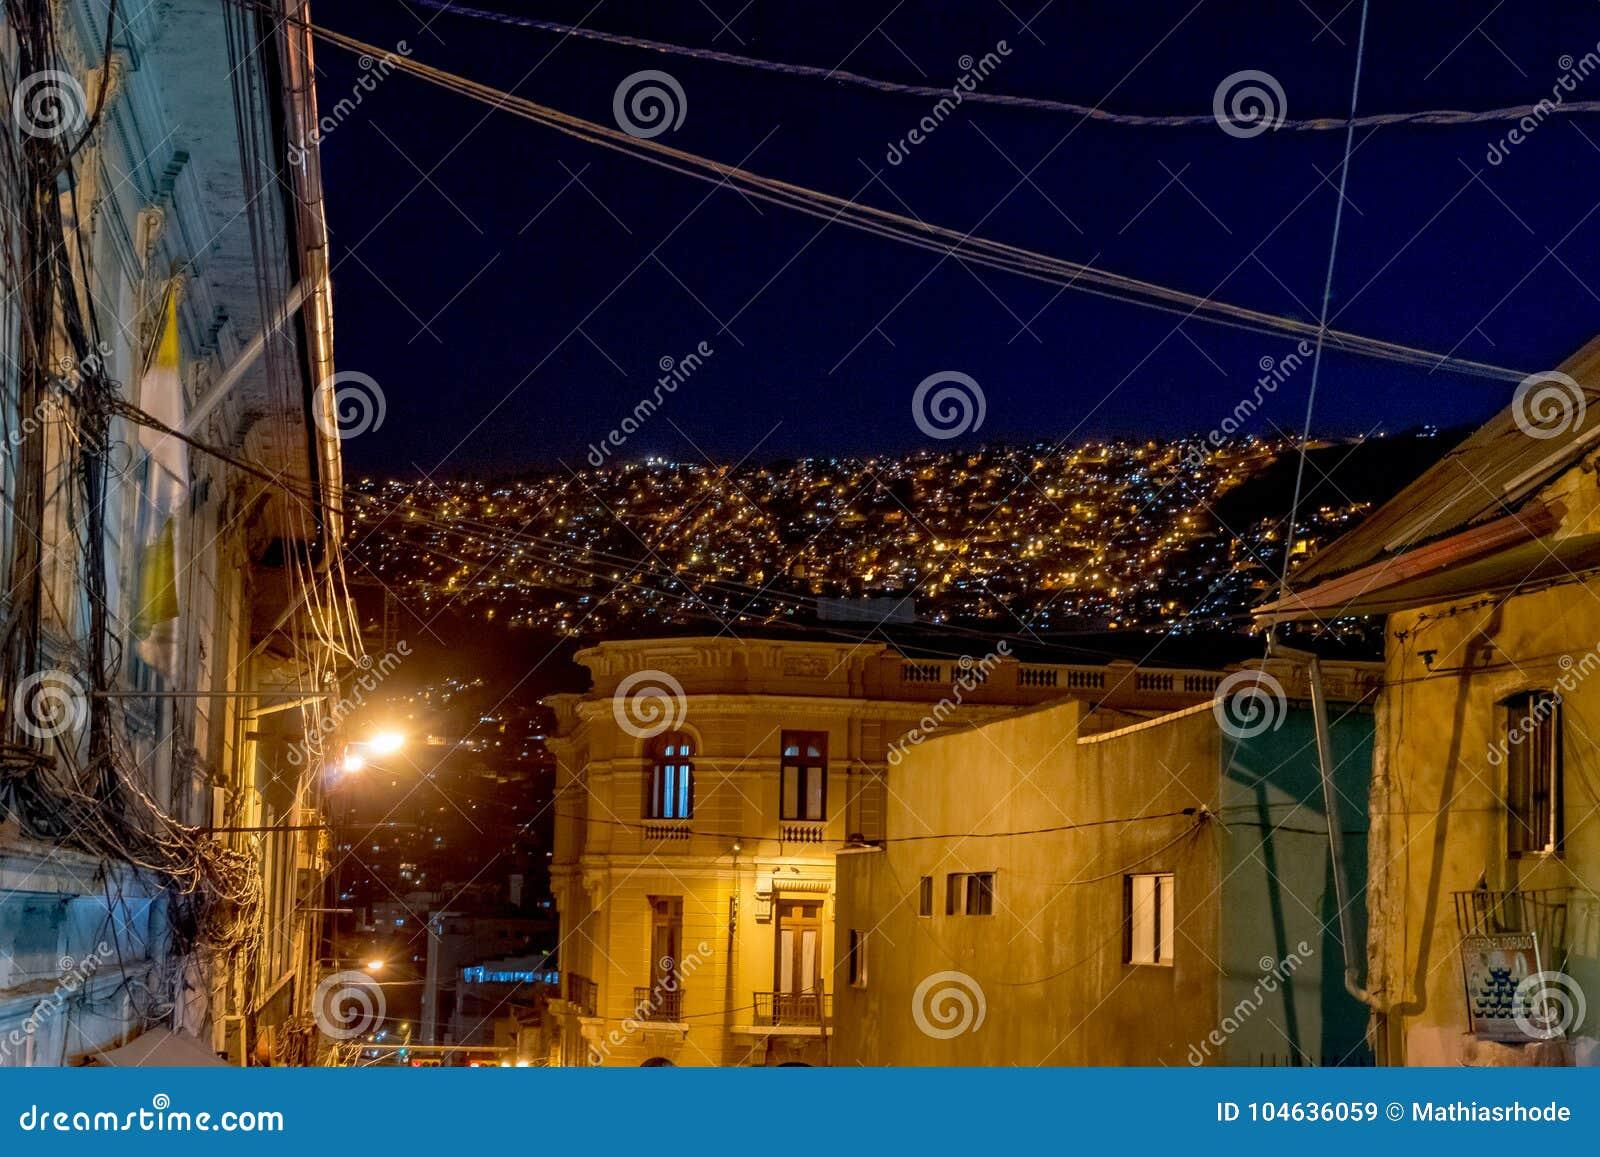 Download Nachtmening Naar Bergenla Paz Bolivia Redactionele Stock Afbeelding - Afbeelding bestaande uit metropolis, stad: 104636059